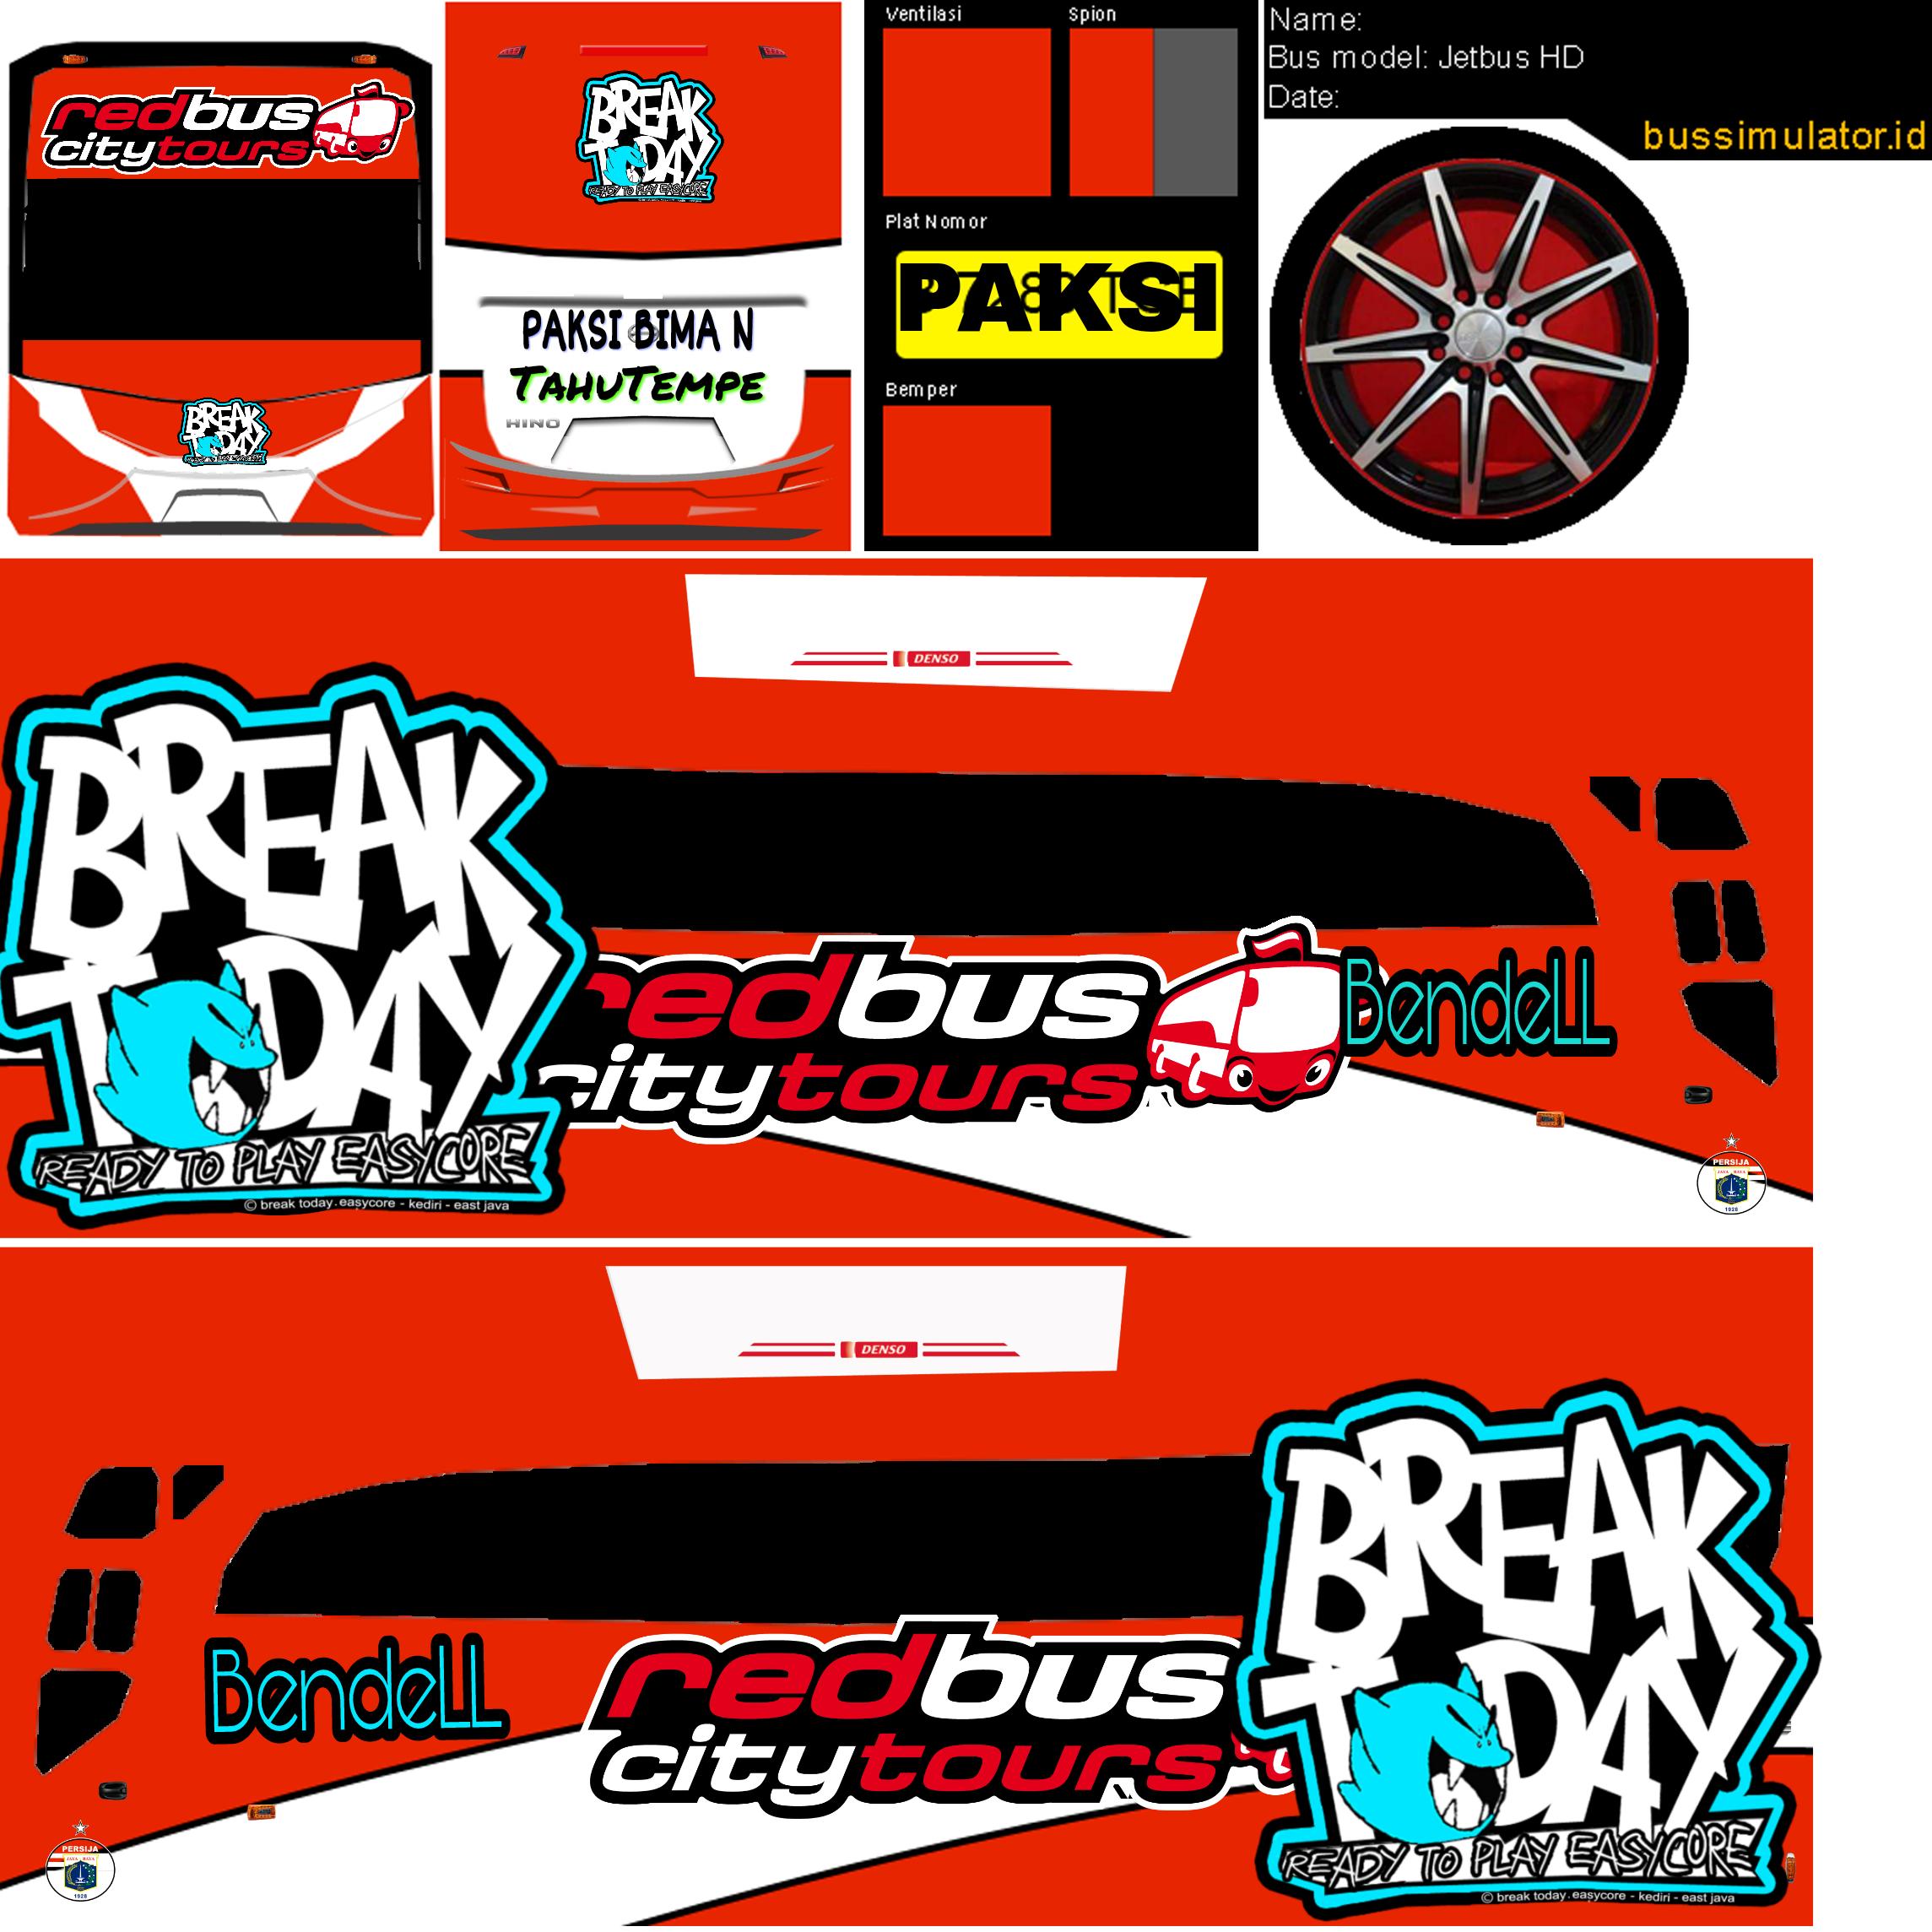 freetoeditLivery Bussid skin hd remixit di 2020